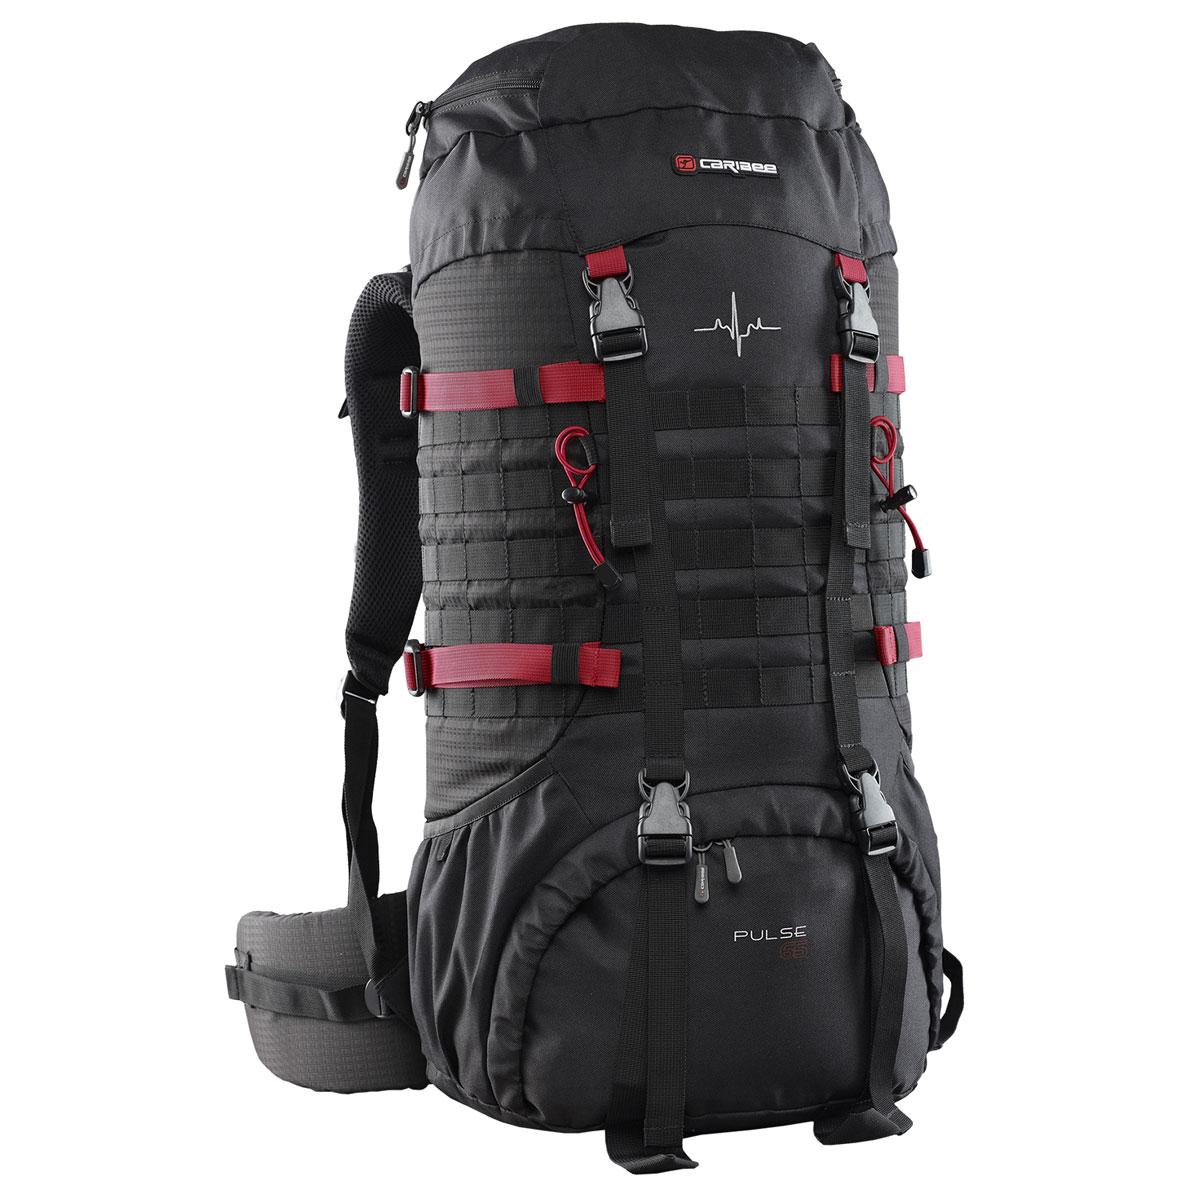 Рюкзак туристический Caribee Pulse, 65 л6612Универсальный рюкзак Caribee Pulse, который идеально подходит для пешего туризма, альпинизма и треккинга. Особенности модели:- боковые стяжки служат для фиксации содержимого рюкзака,- рюкзак оснащён двумя боковыми открытыми карманами,- дополнительно рюкзак оборудован модульной системой molle для навеса дополнительного оборудования,- лямки увеличенного размера в нижней части рюкзака предназначены для крепления дополнительного оборудования,- фронтальный вход в нижней части рюкзака можно изолировать от основного отделения посредством стяжек,- изготовлен рюкзак из полиэстера, поэтому рюкзак стоек к износу и истиранию, не впитывает влагу и не разрушается под действием ультрафиолетового излучения,- рюкзак совместим с питьевой системой.